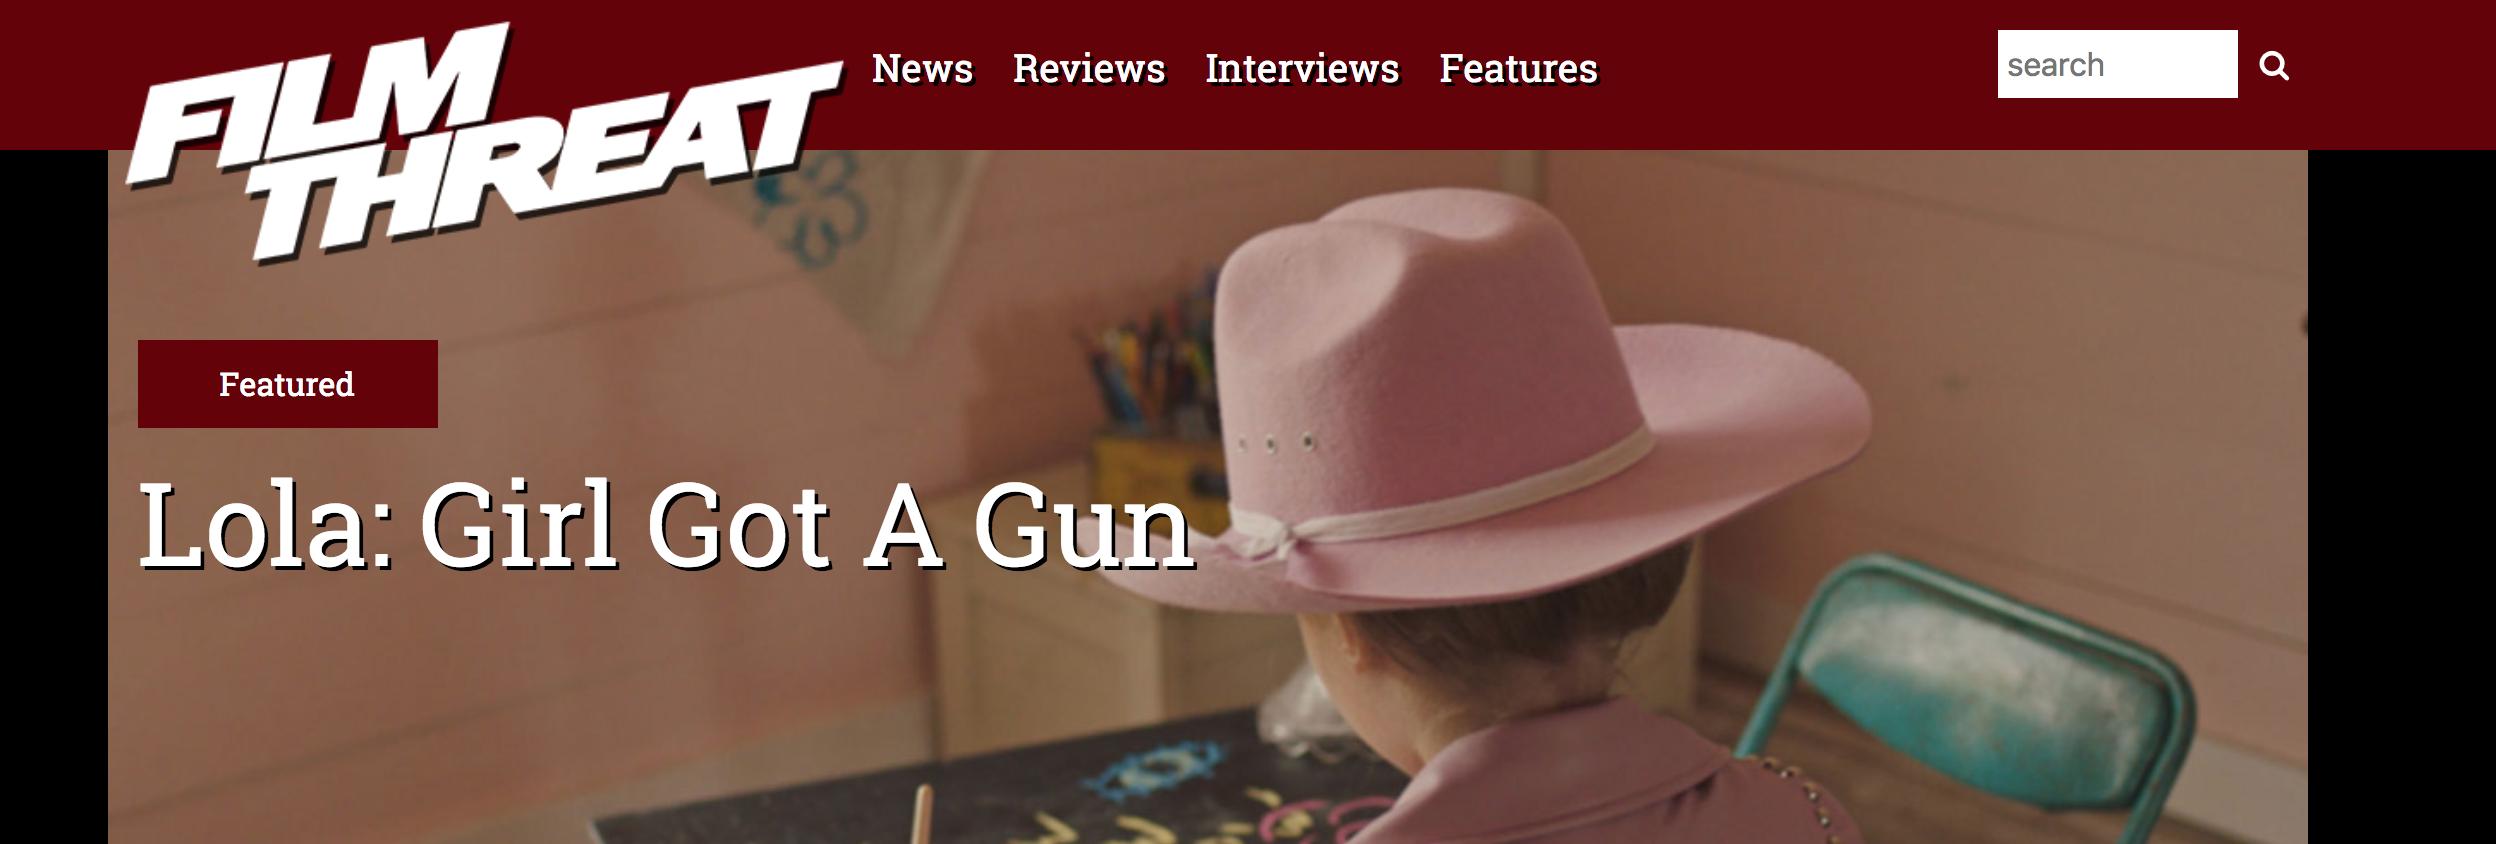 Film Threat | Review of Lola: Girl Got a Gun -